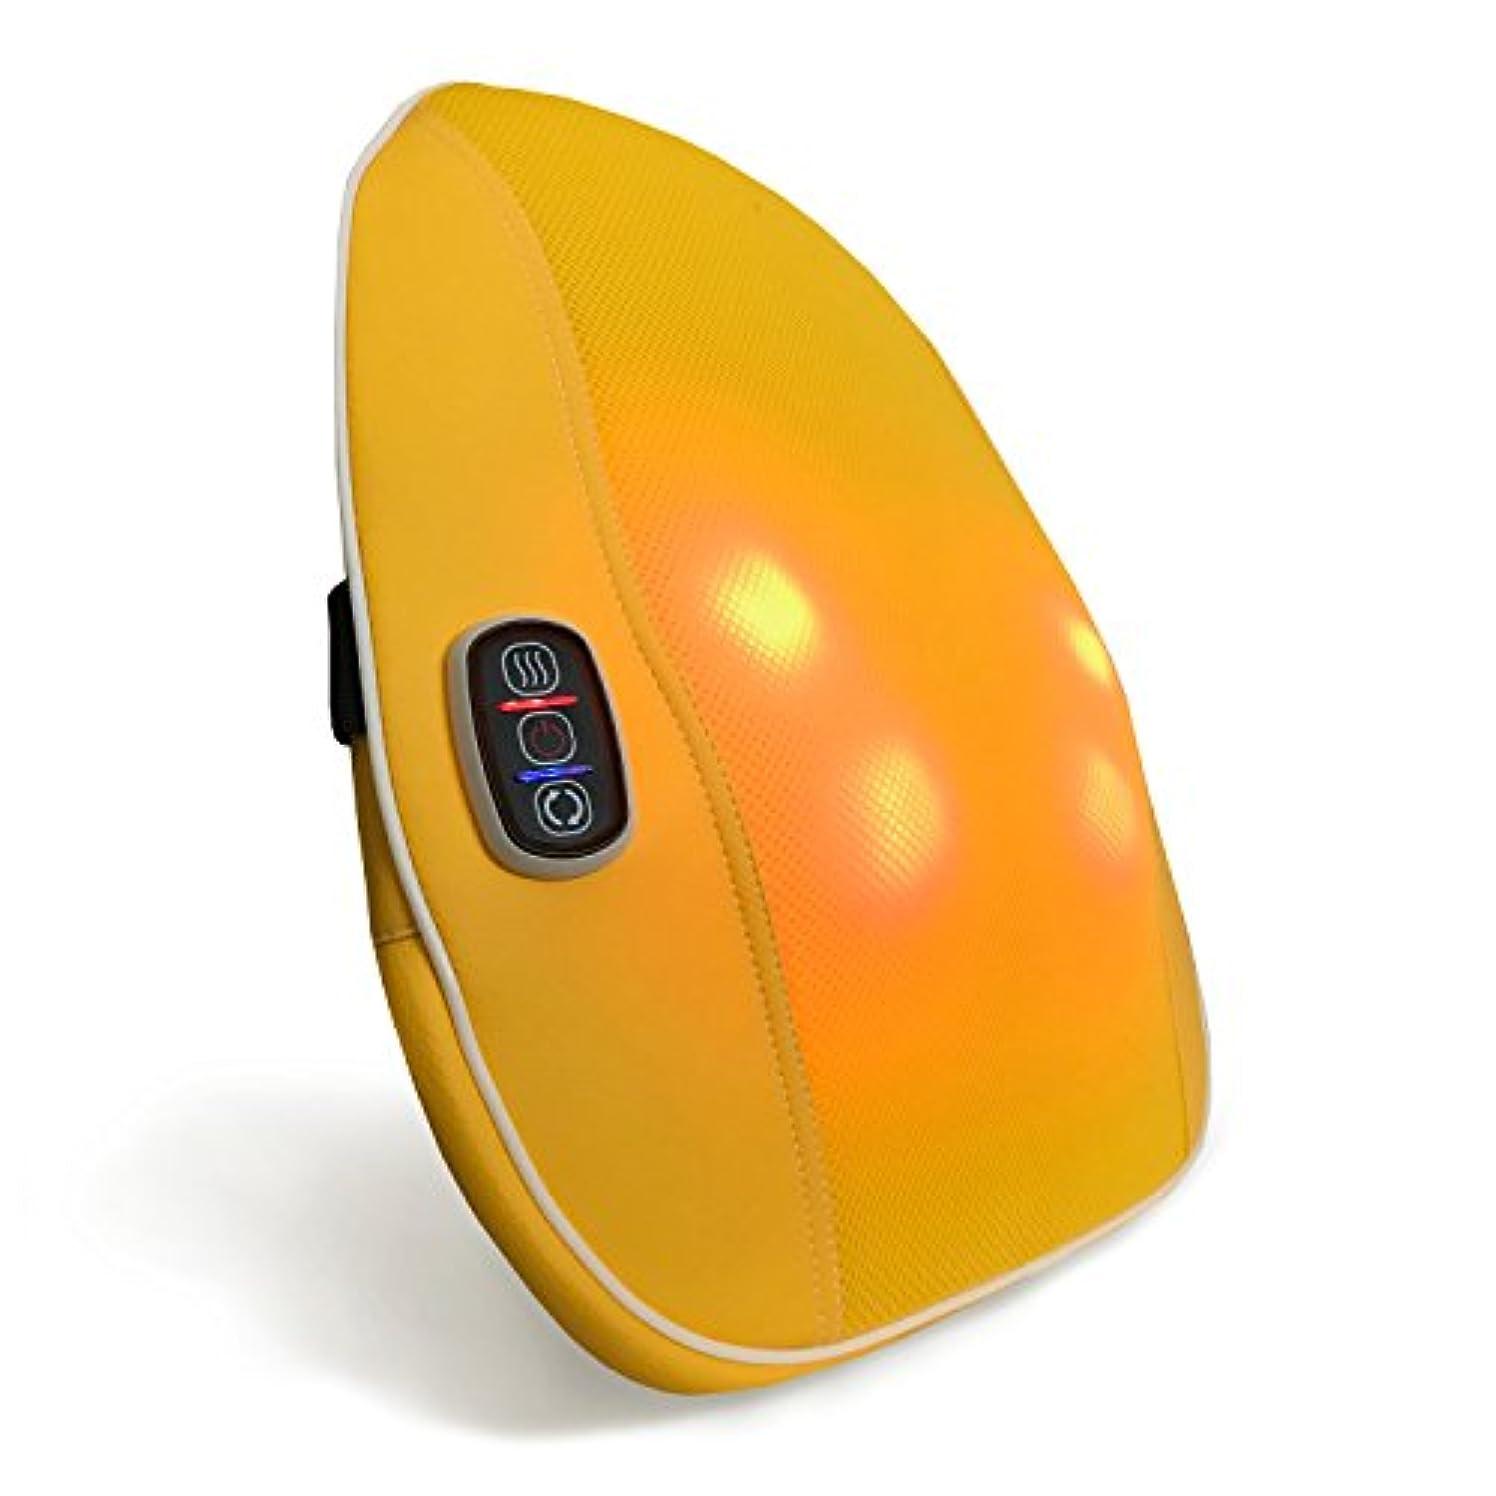 ずんぐりした電卓ホットクロシオ スマートマッサージャー パプリカ イエロー 幅40cm 厚み9cm もみ玉式マッサージ器 薄型 簡単操作 マッサージクッション